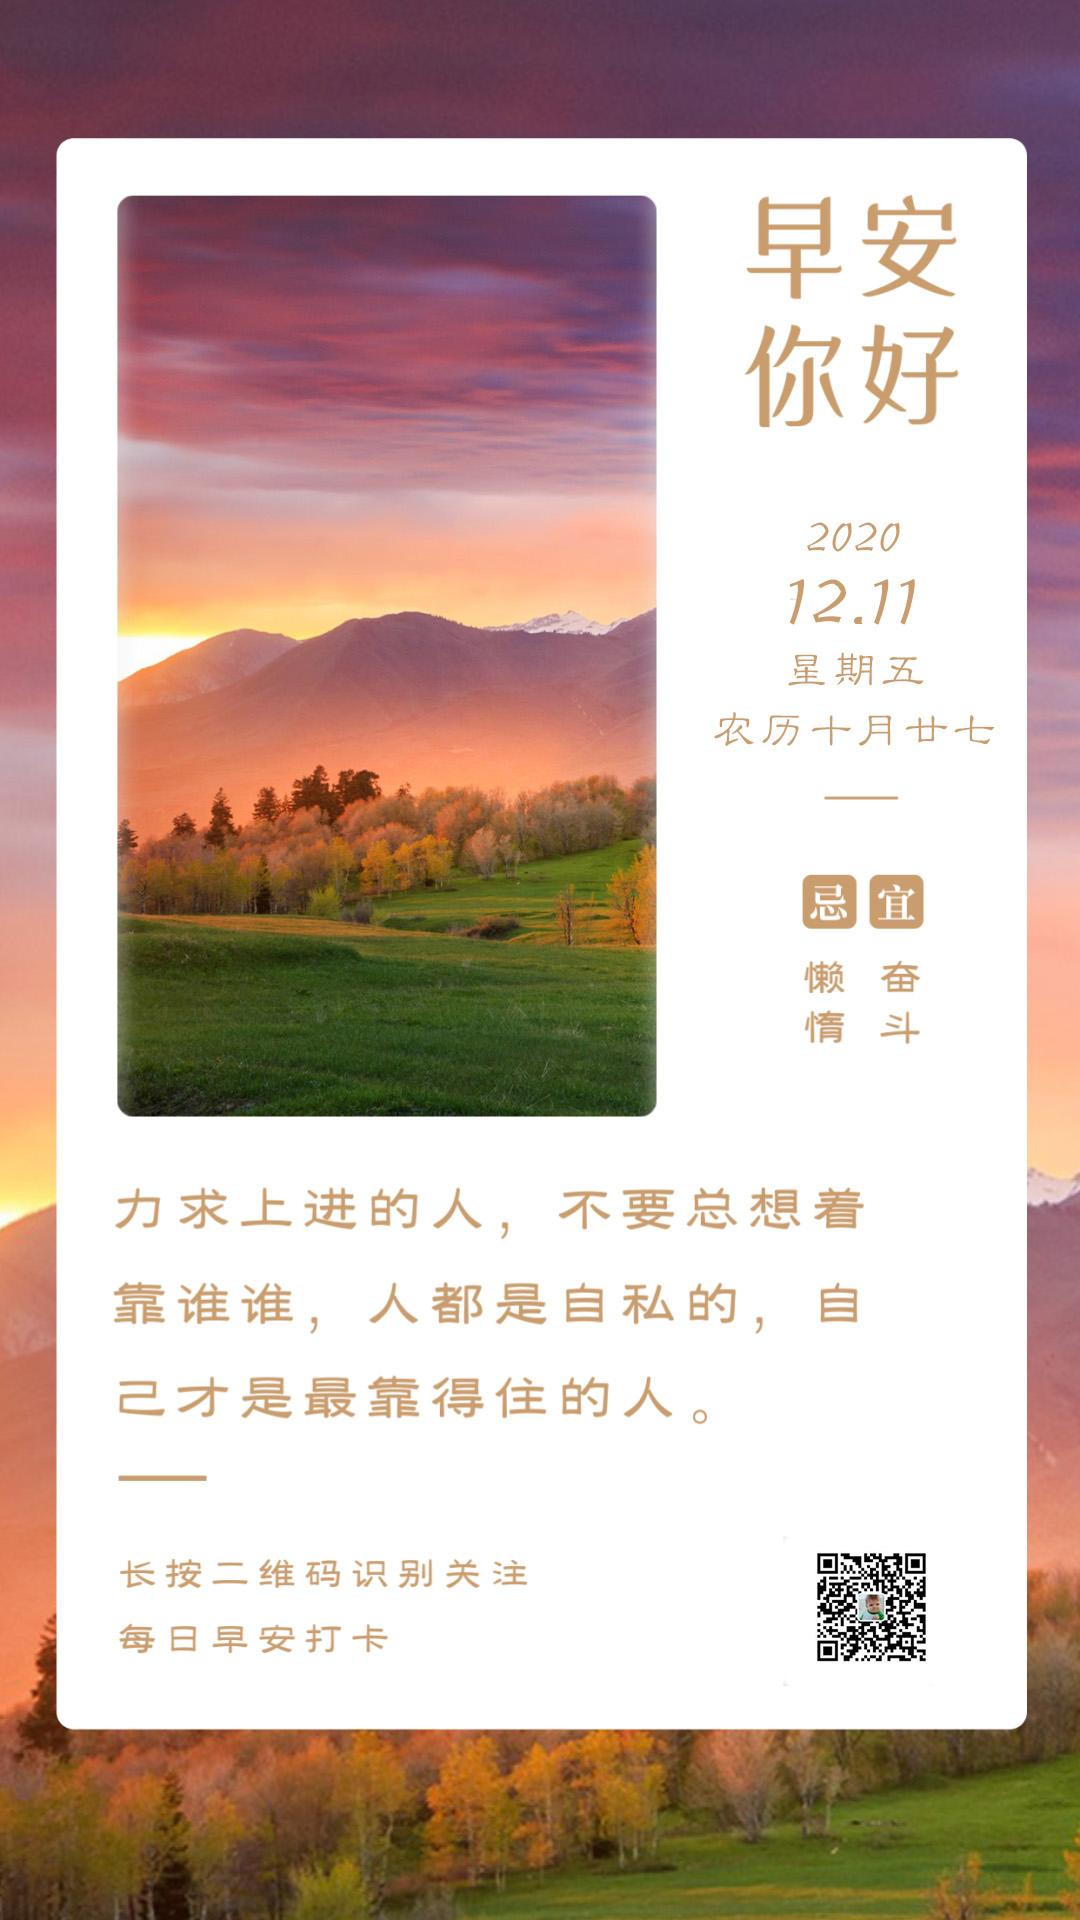 12月11朋友圈激励早安图片配图,正能量问候说说